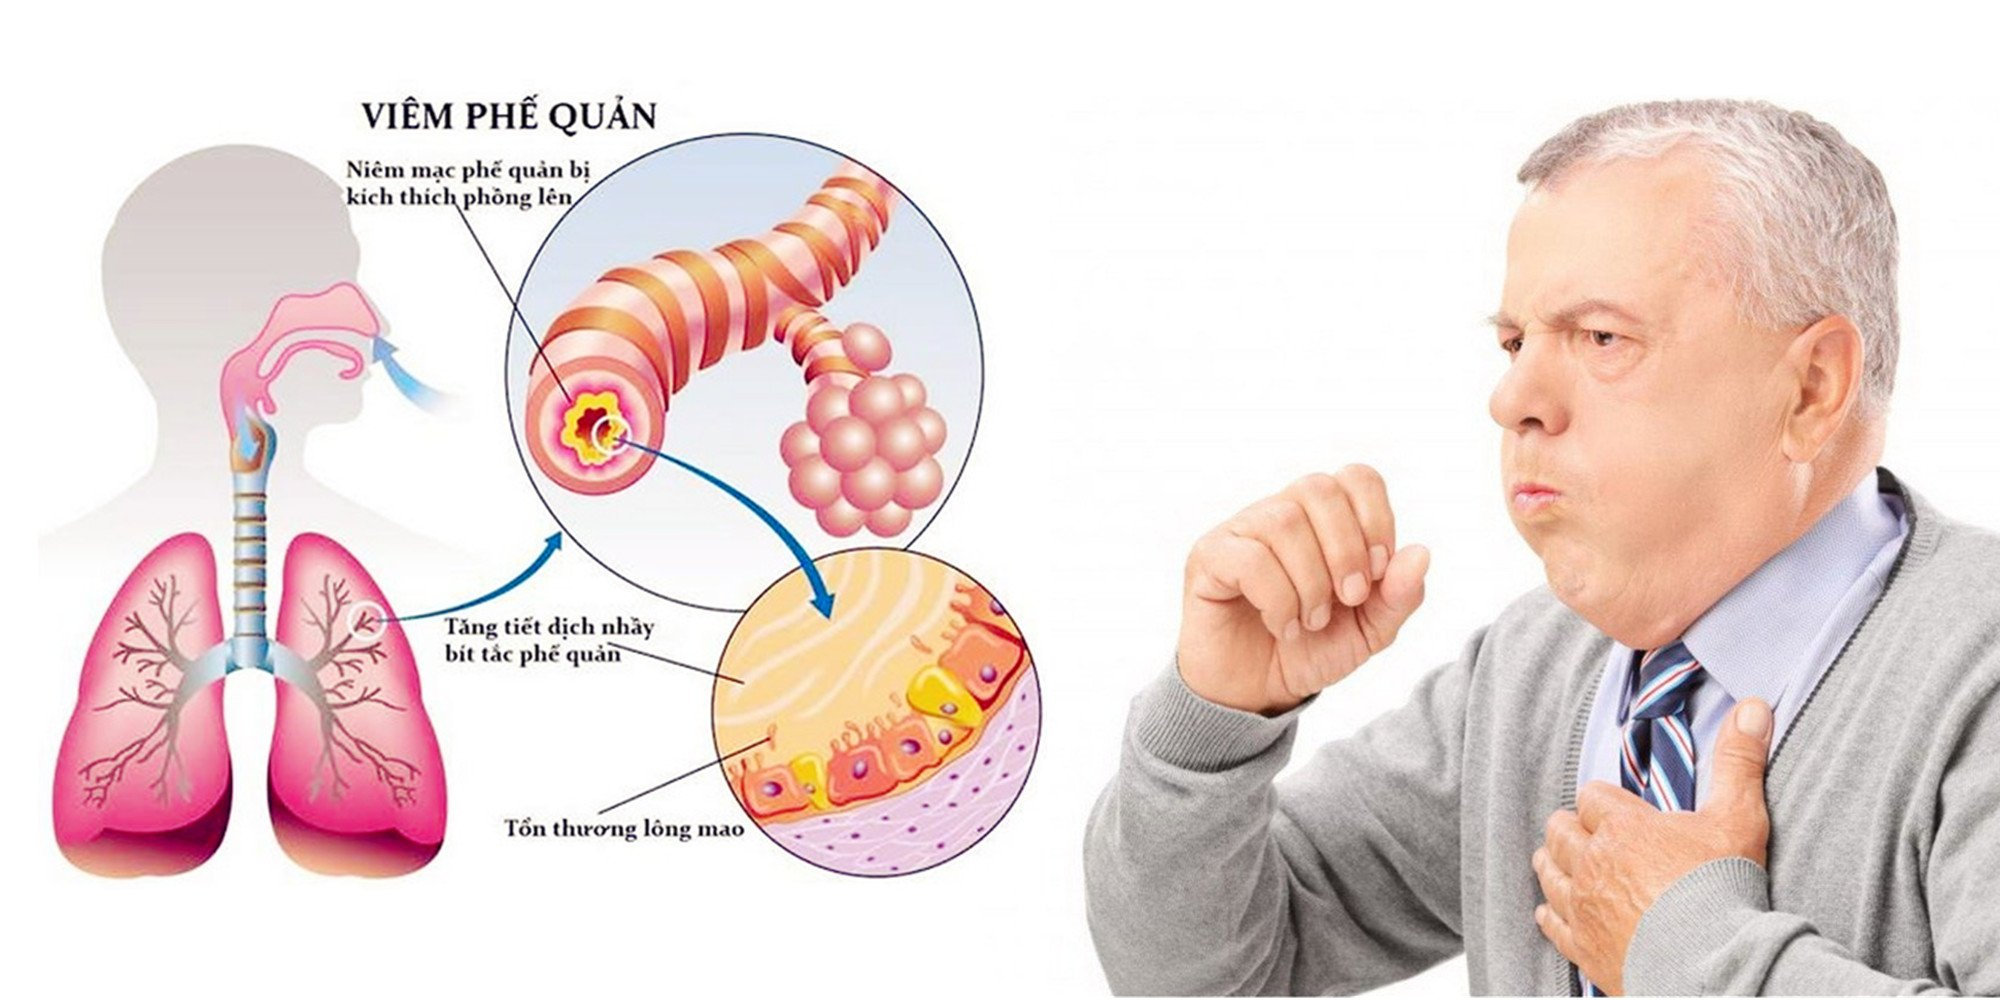 Viêm phế quản là một bệnh về đường hô hấp do vi khuẩn, virus và các chất kích thích gây ra